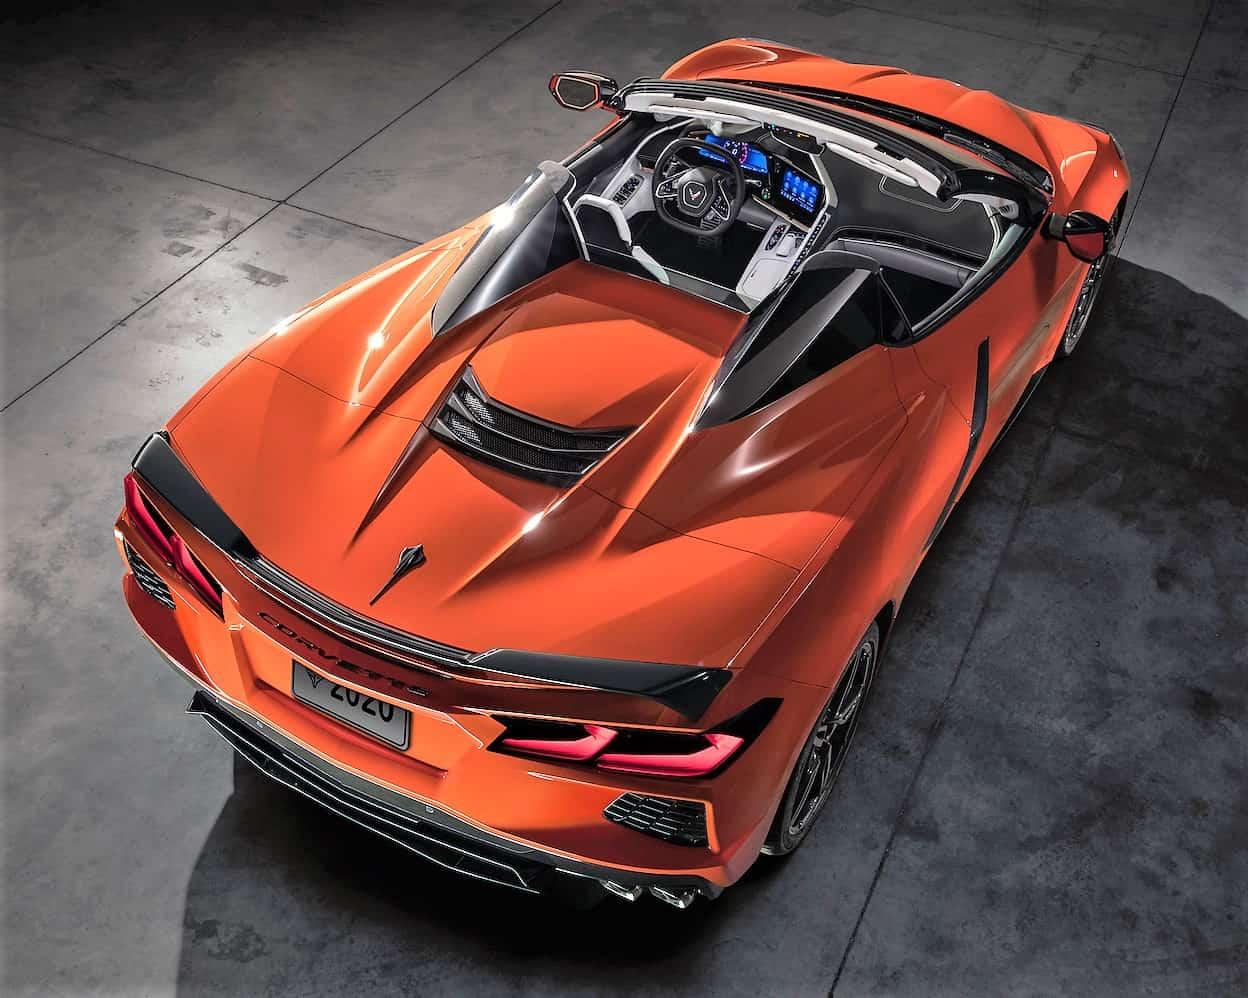 corvette, Coronavirus could limit 2020 Corvette production to just 2,700 cars, ClassicCars.com Journal